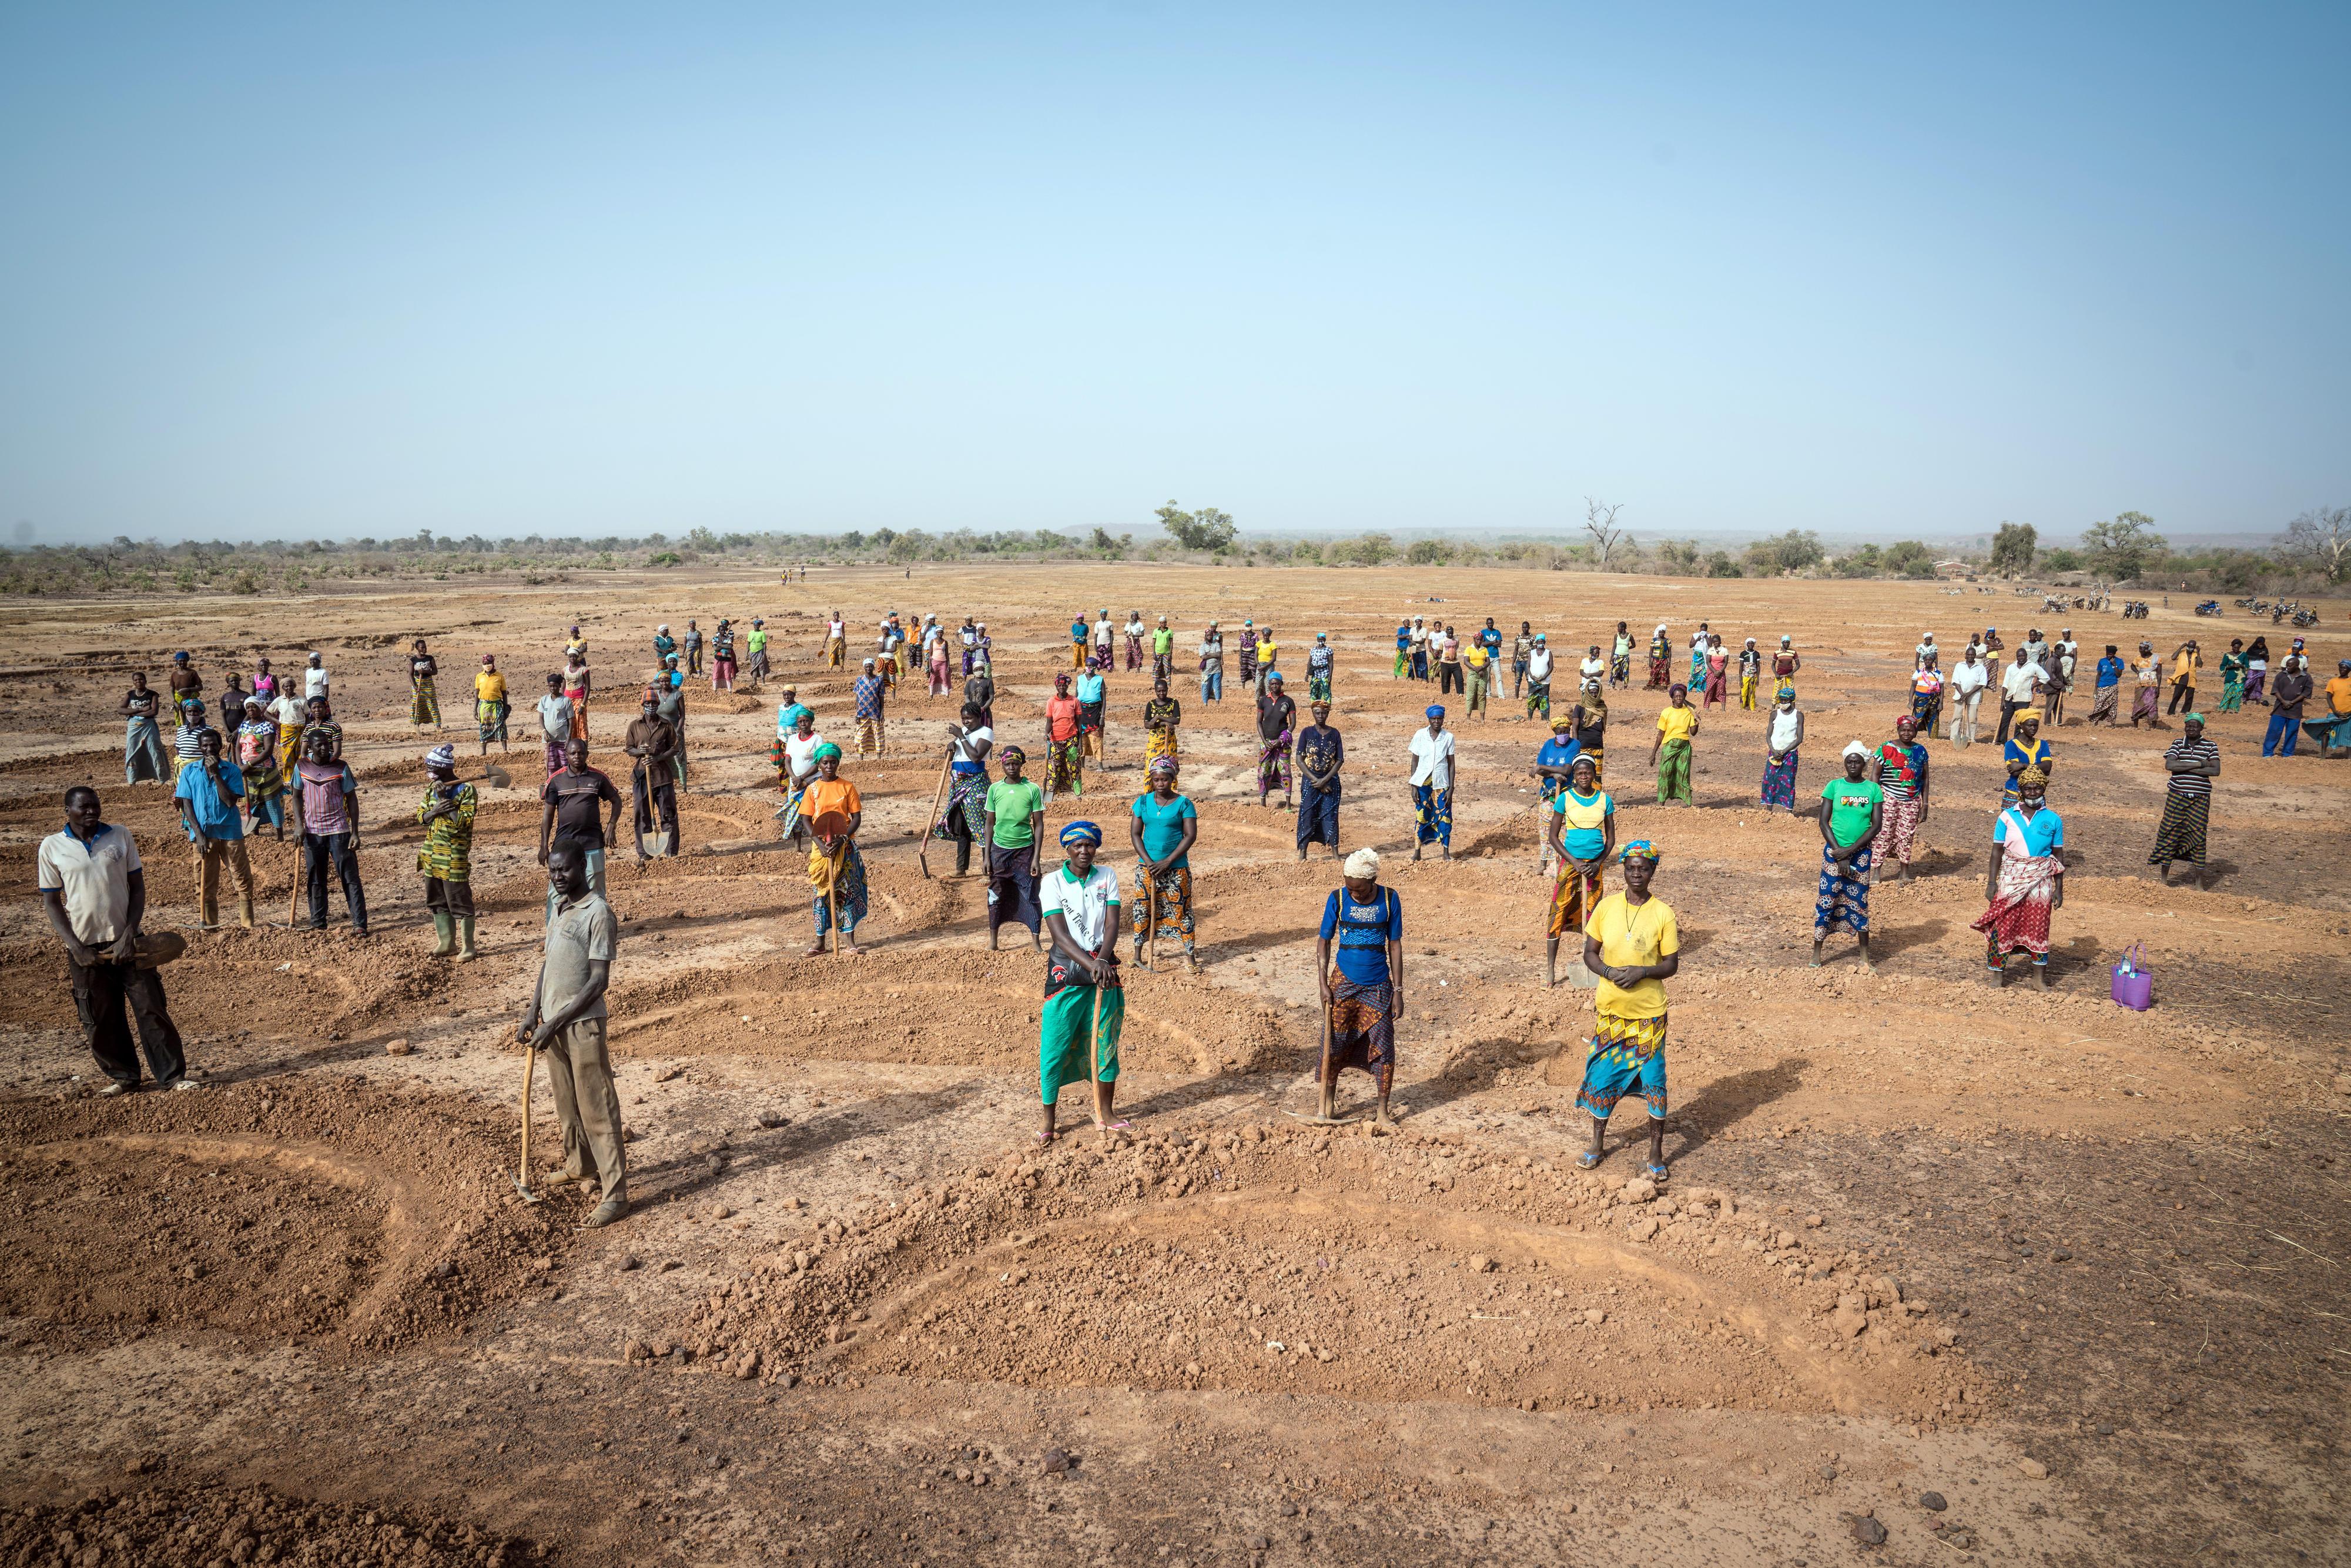 Bäuerinnen und Bauern in Burkina Faso machen degradiertes Land wieder fruchtbarer, zum Beispiel durch das Anlegen von halbrunden Erdwällen, die das Regenwasser besser auffangen und speichern können.